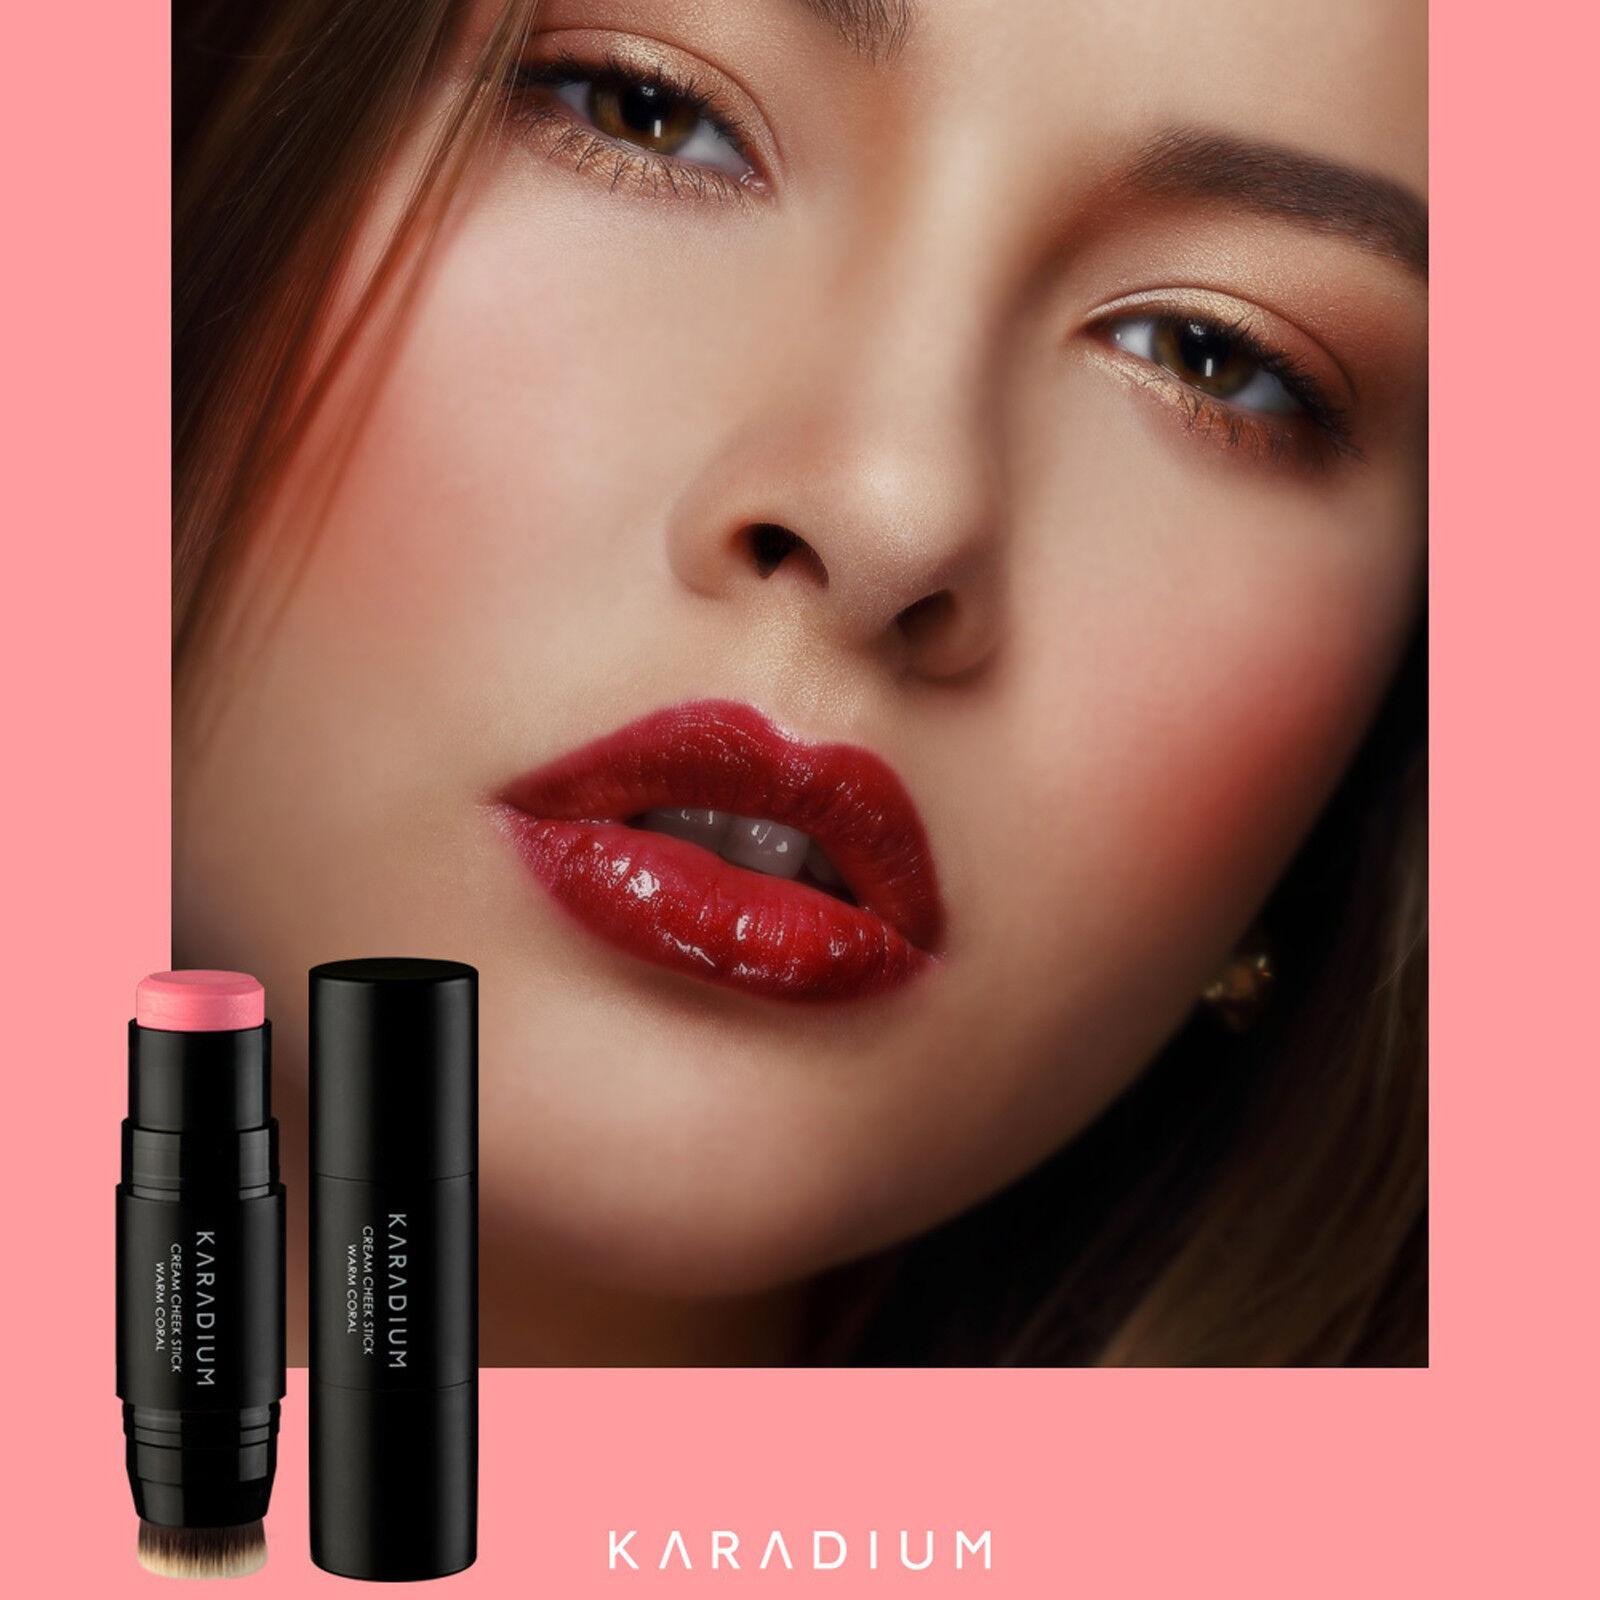 Kết quả hình ảnh cho Karadium Cream Cheek Stick